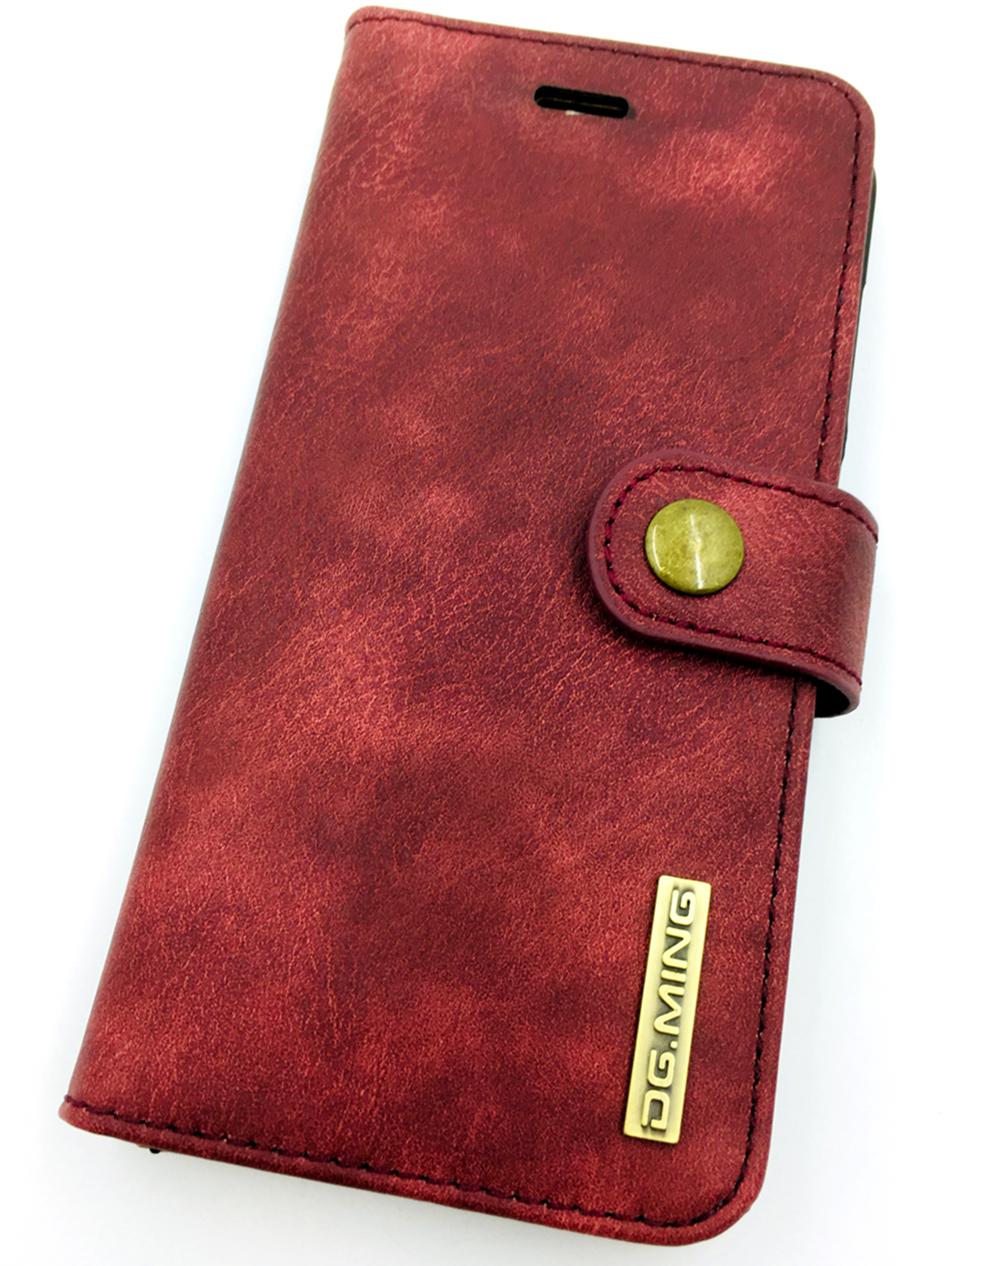 Чехол для сотового телефона Мобильная мода Honor 8 lite 2017 Чехол-книжка с отделом для карт и магнитной застежкой, коричнево-красный чехол книжка для lg g4 h815 с магнитной застежкой фиолетовый armor m